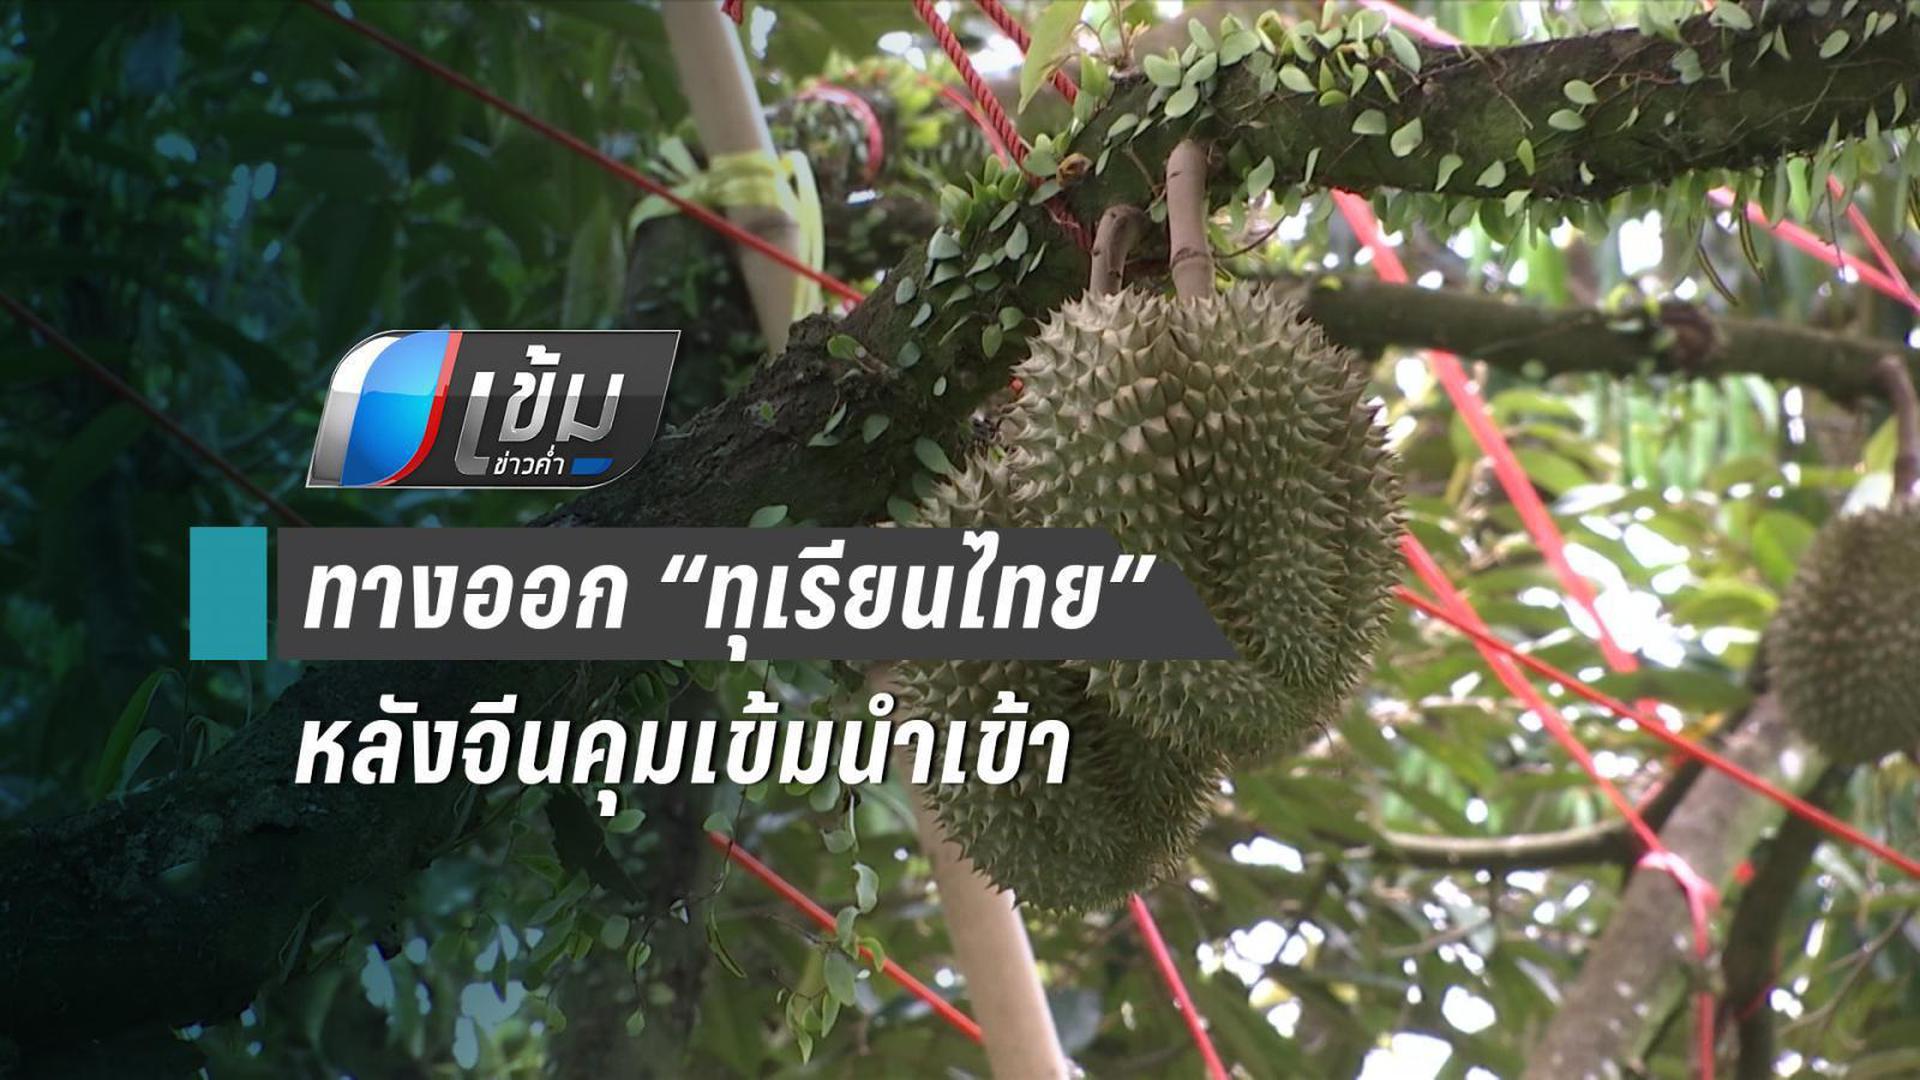 """ทางออก """"เกษตรกรไทย"""" หลังจีนคุมเข้มนำเข้าทุเรียน"""